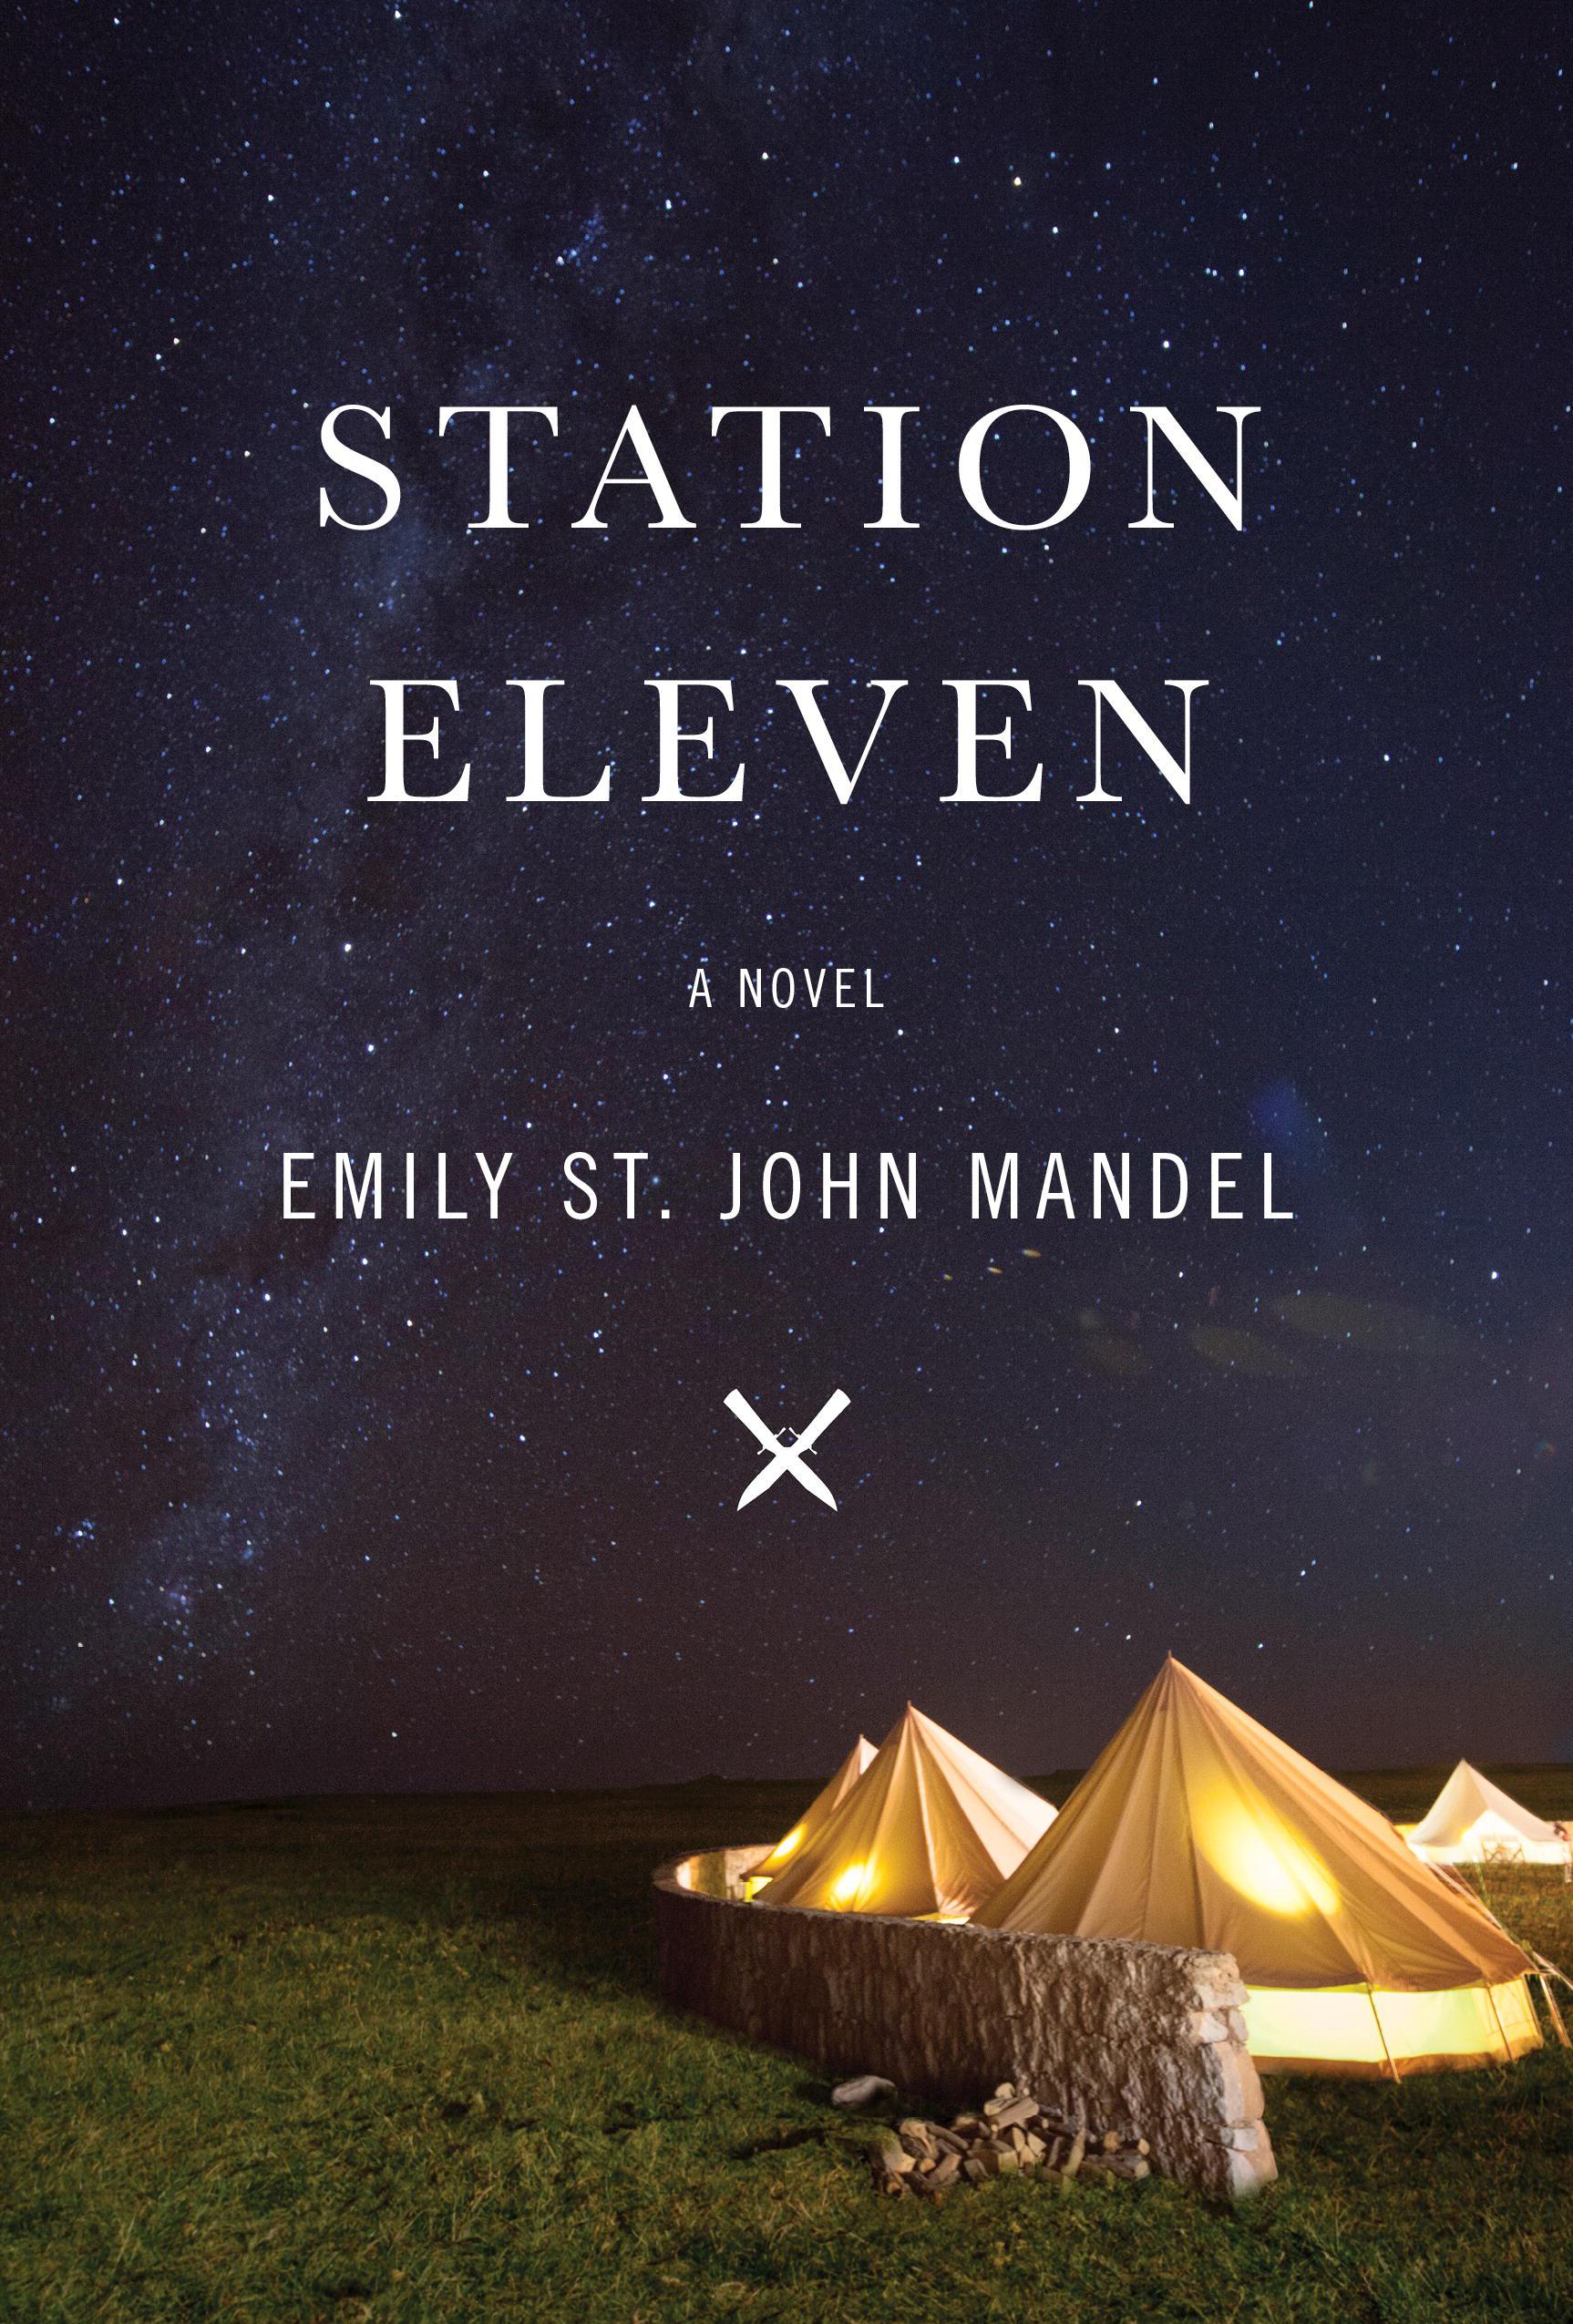 Afbeeldingsresultaat voor station eleven book cover